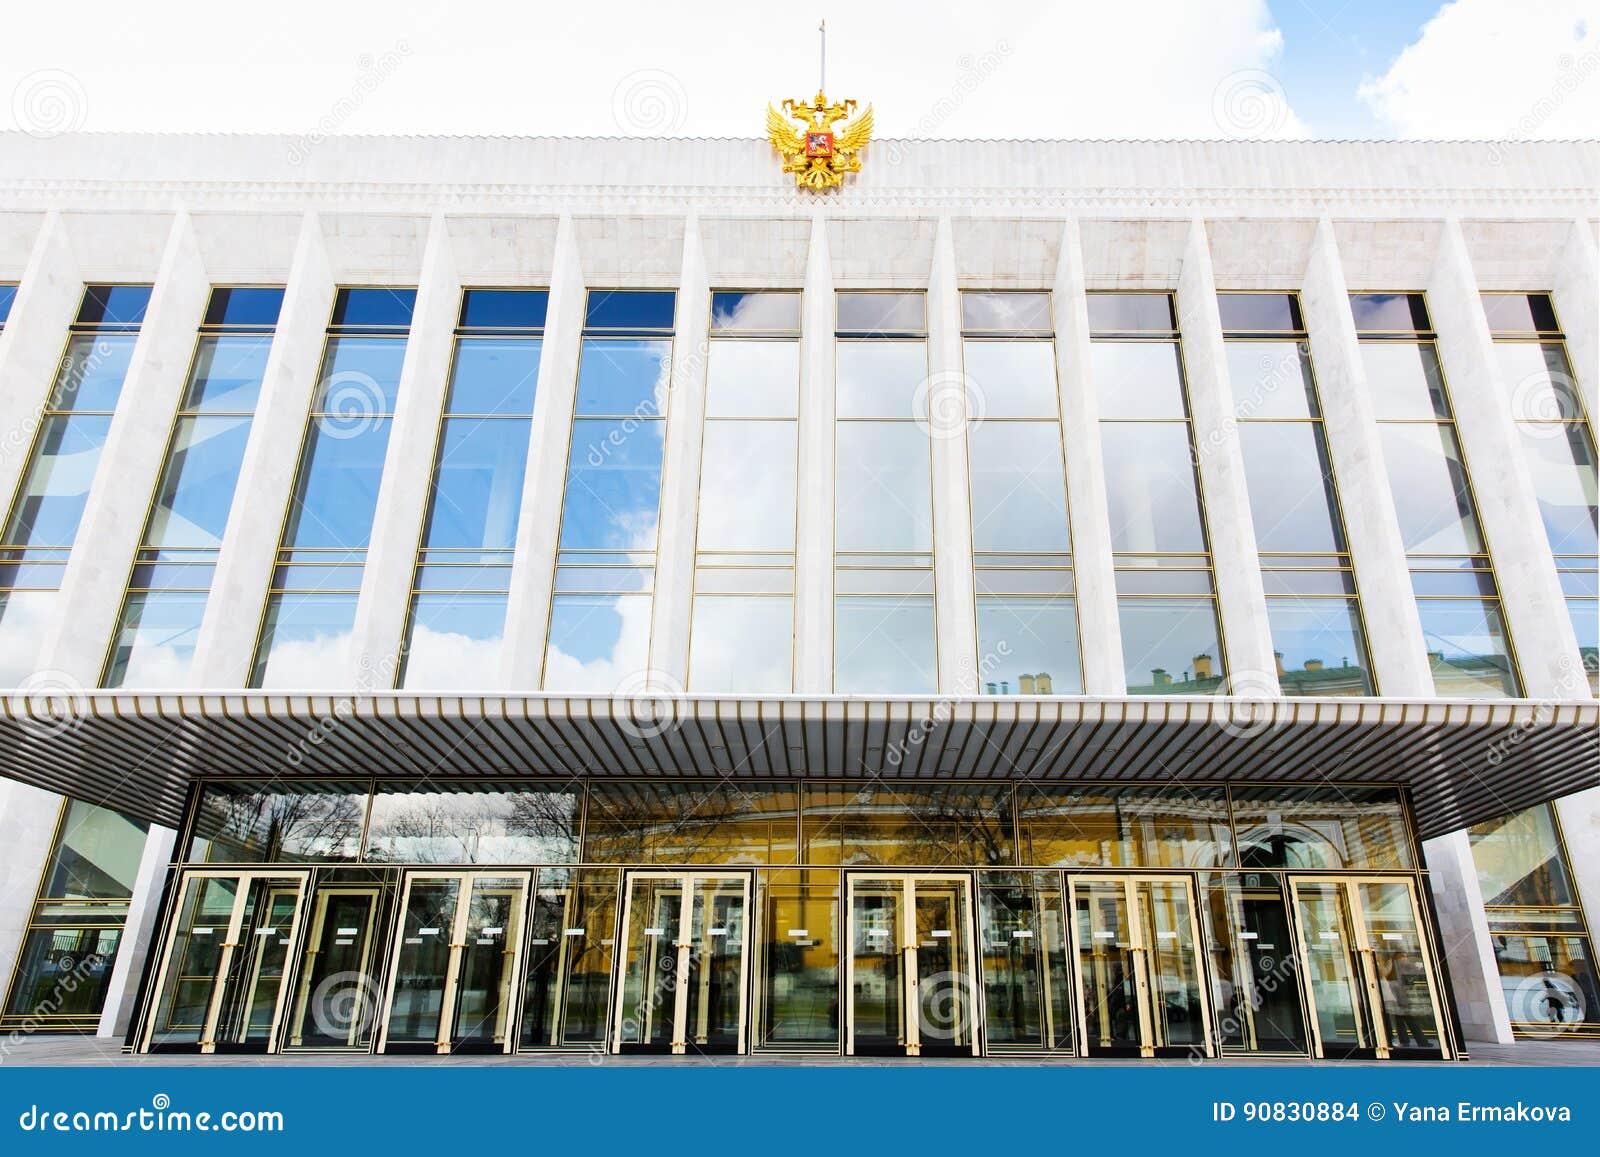 Palácio dos congressos, Kremlin do Kremlin do palácio do Kremlin do estado, Rússia